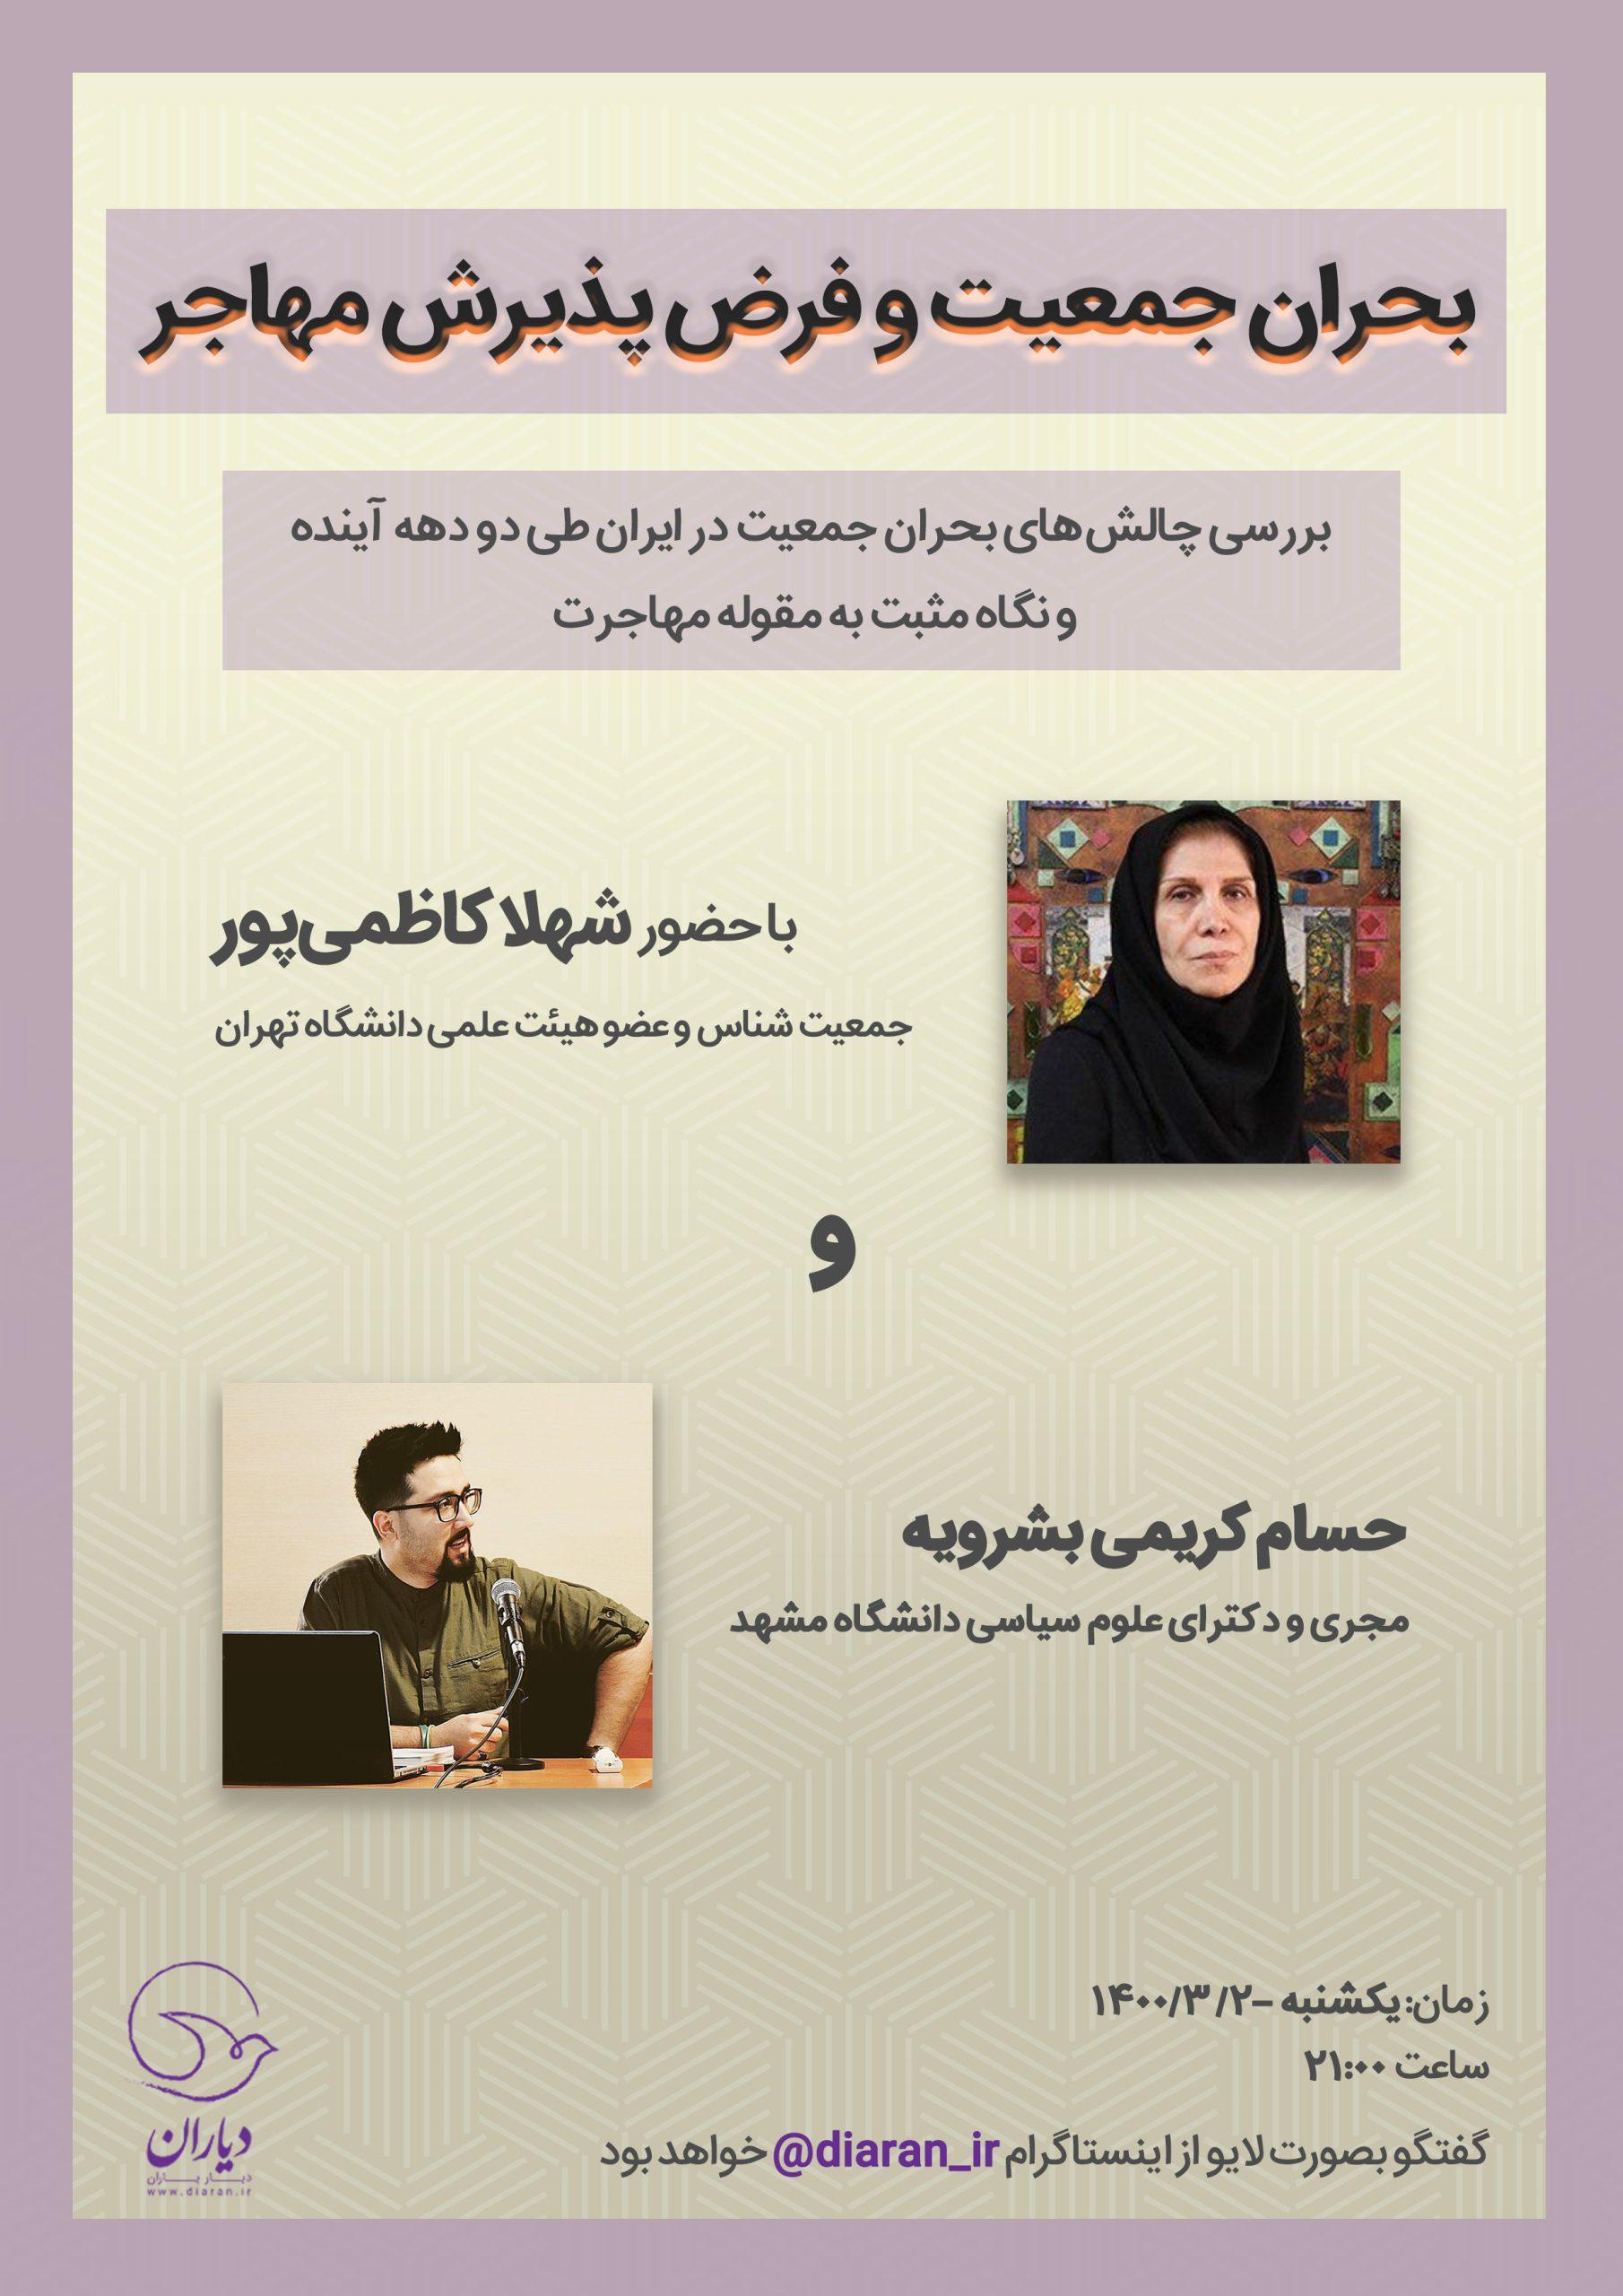 رشد جمعیتی ایران بحران مهاجر و فرض پذیرش مهاجر